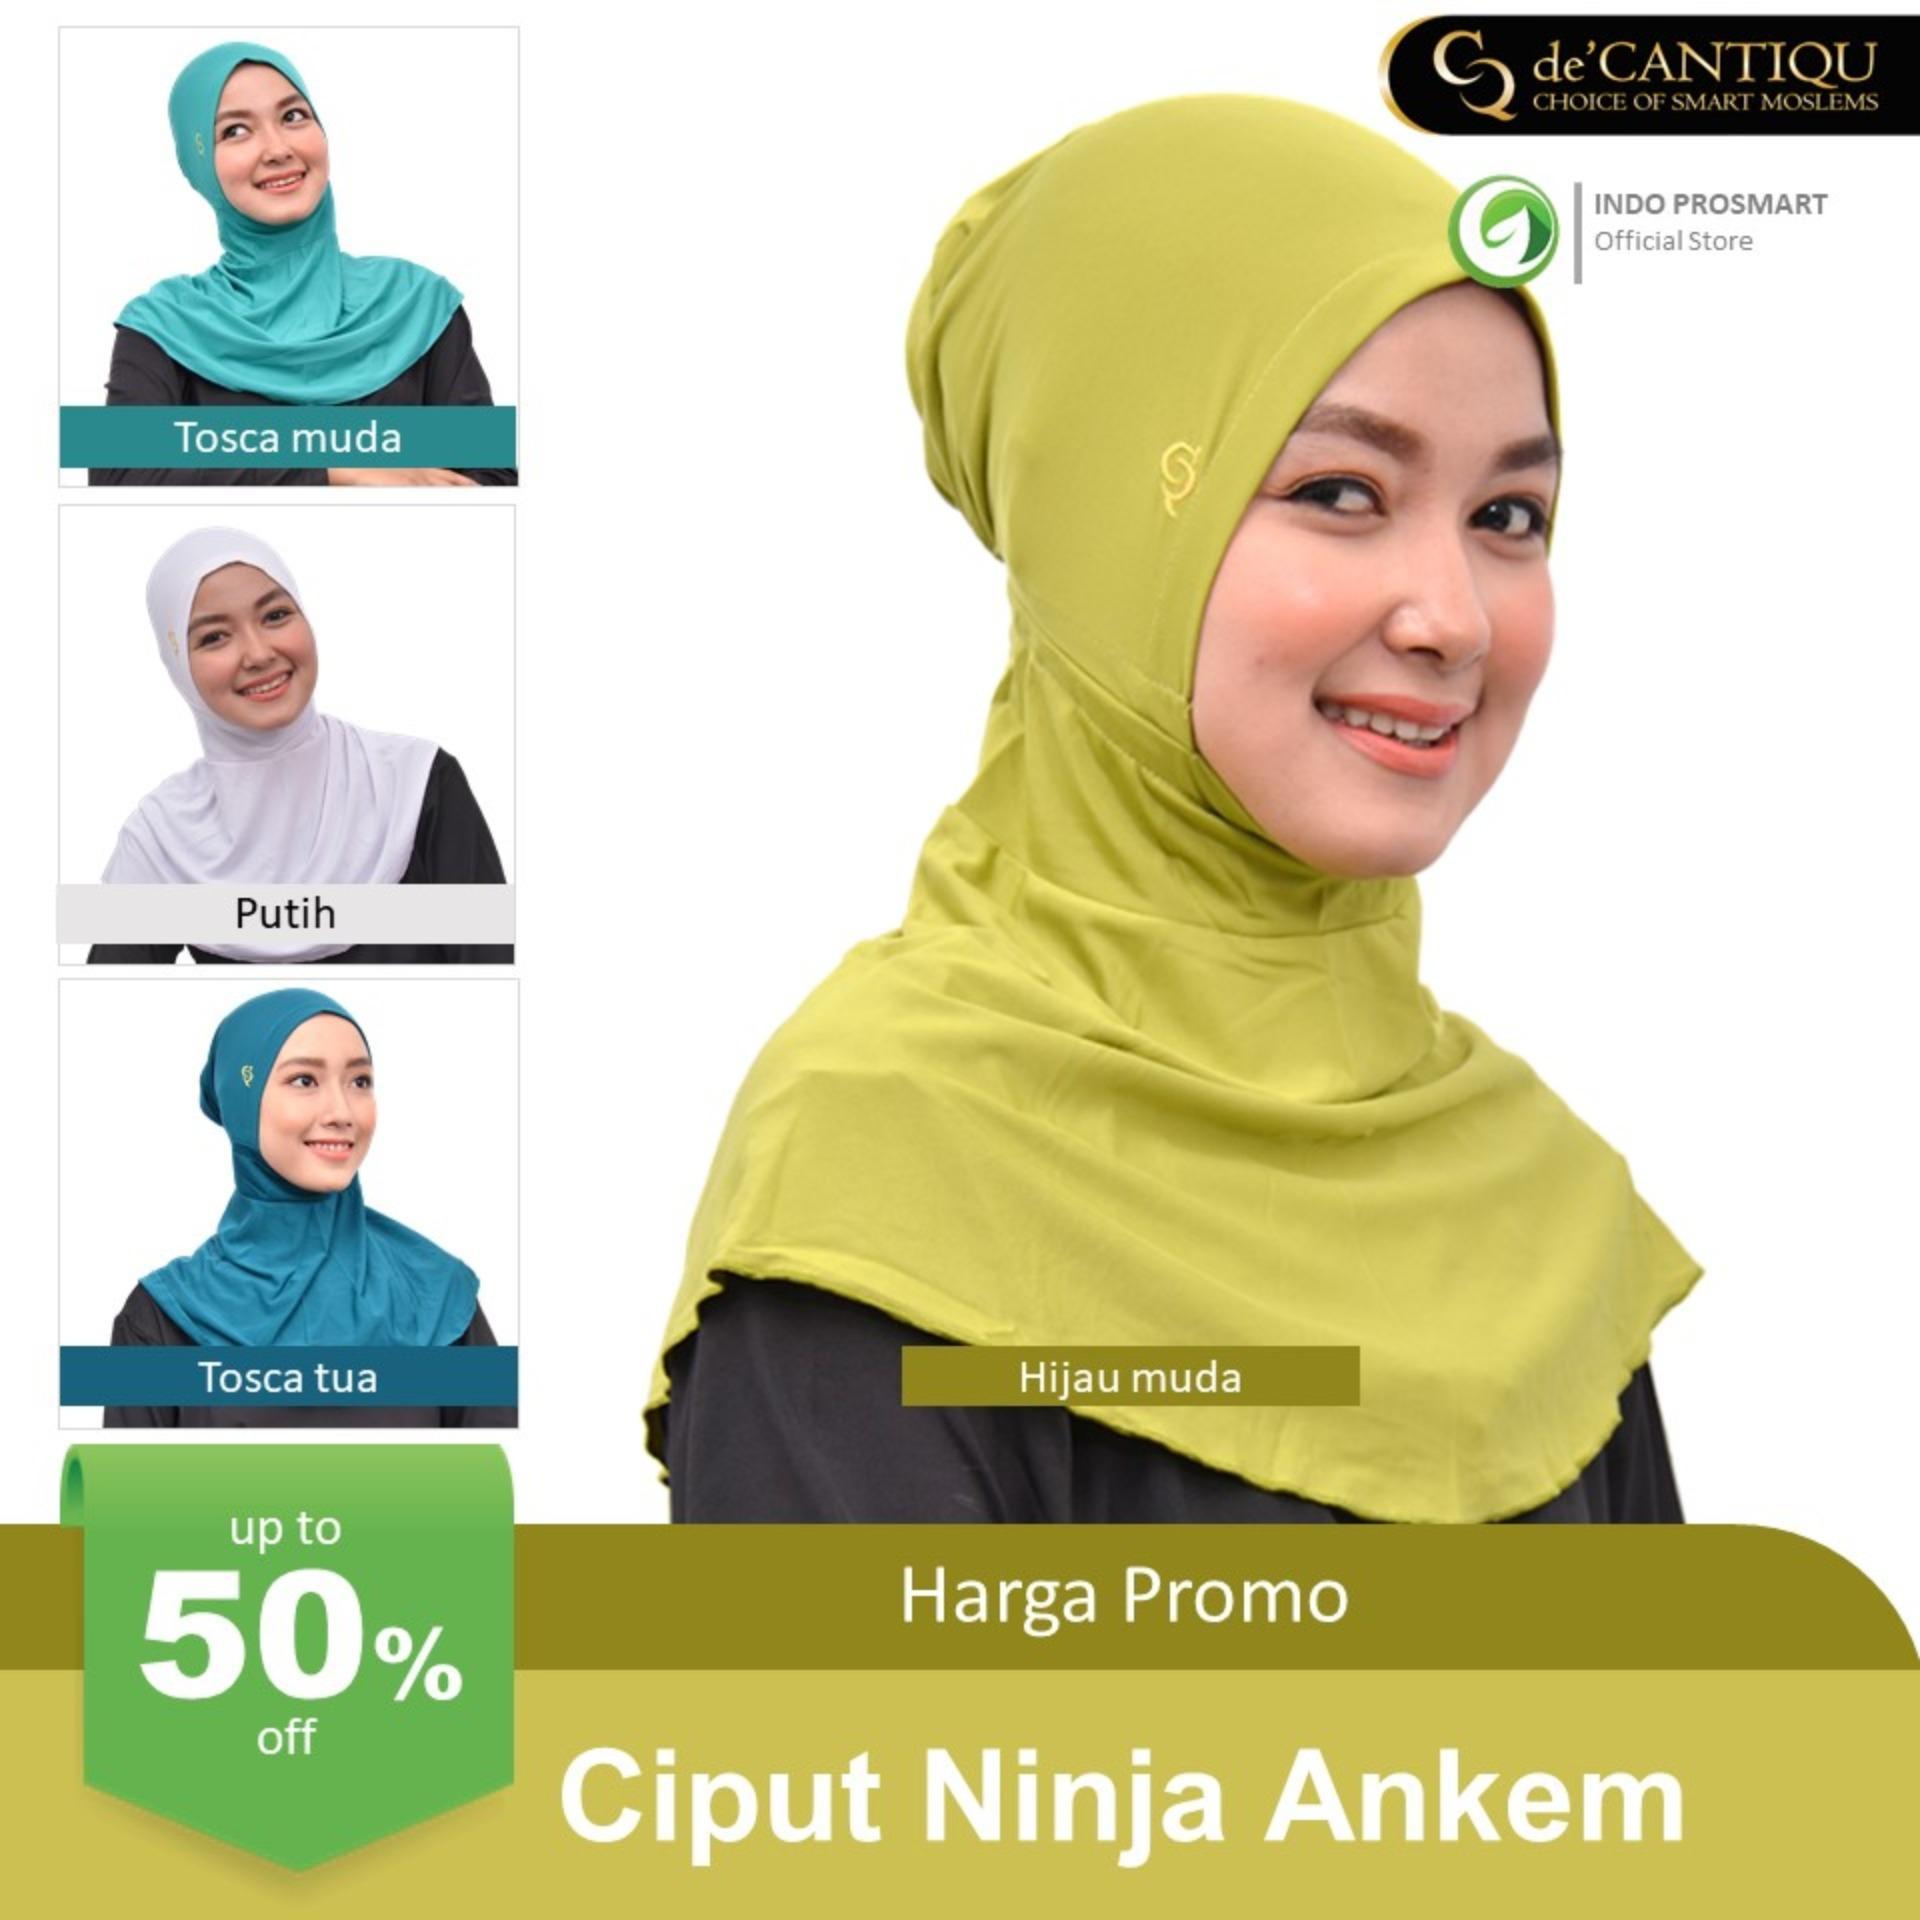 Ciput Ninja / Ciput Antem / Ciput Ankem Resleting De'Cantiqu / Ciput / Inner